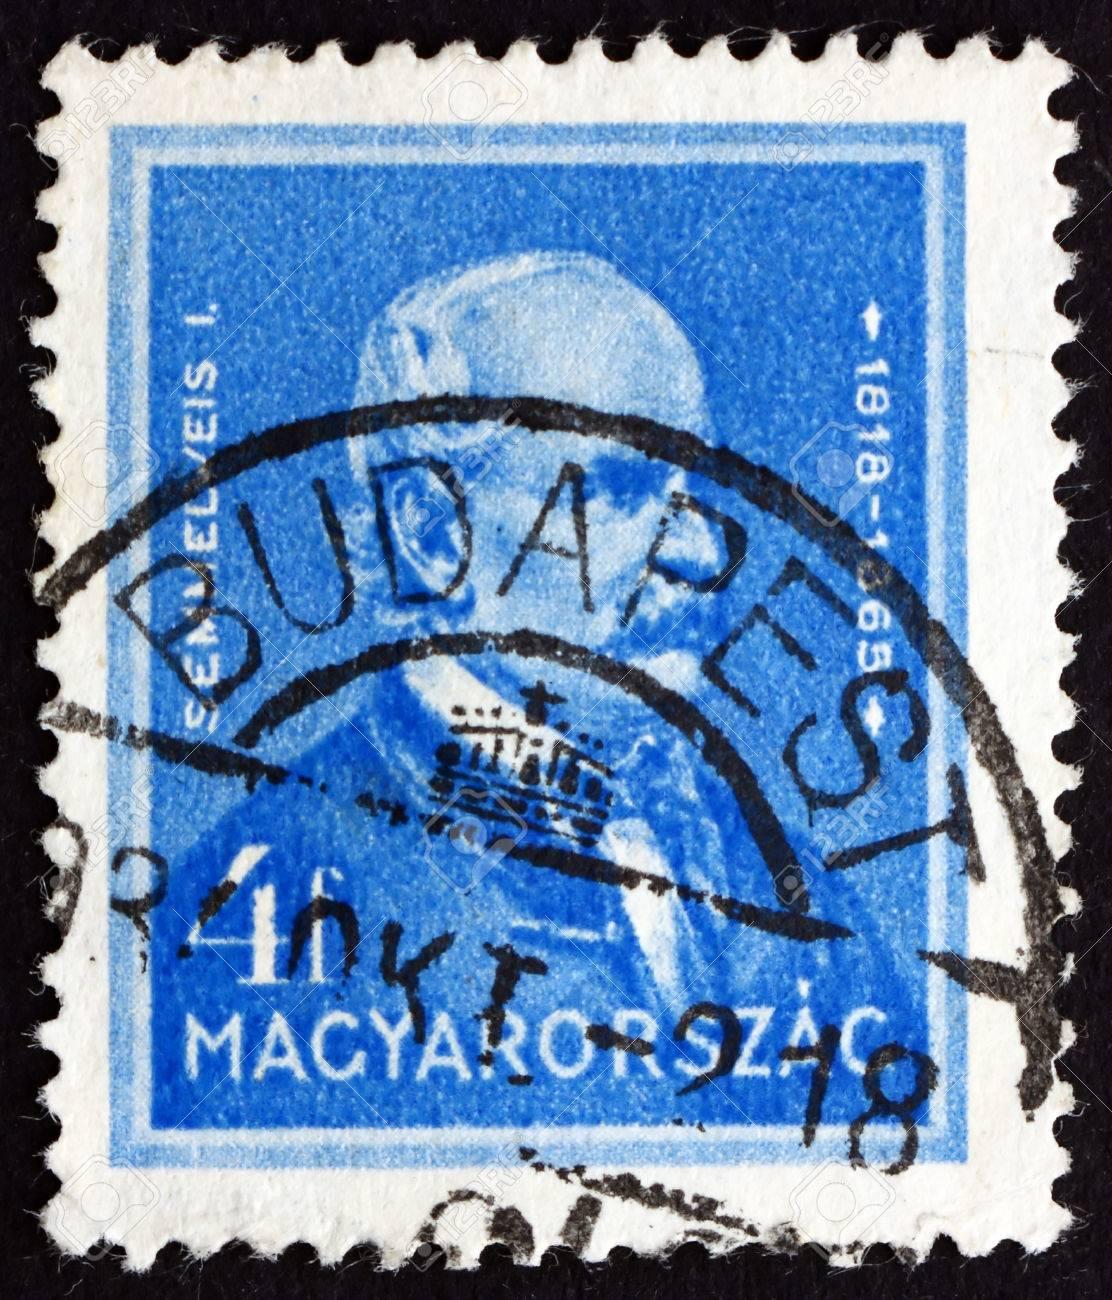 ハンガリー - 1932 年頃: 切手が...